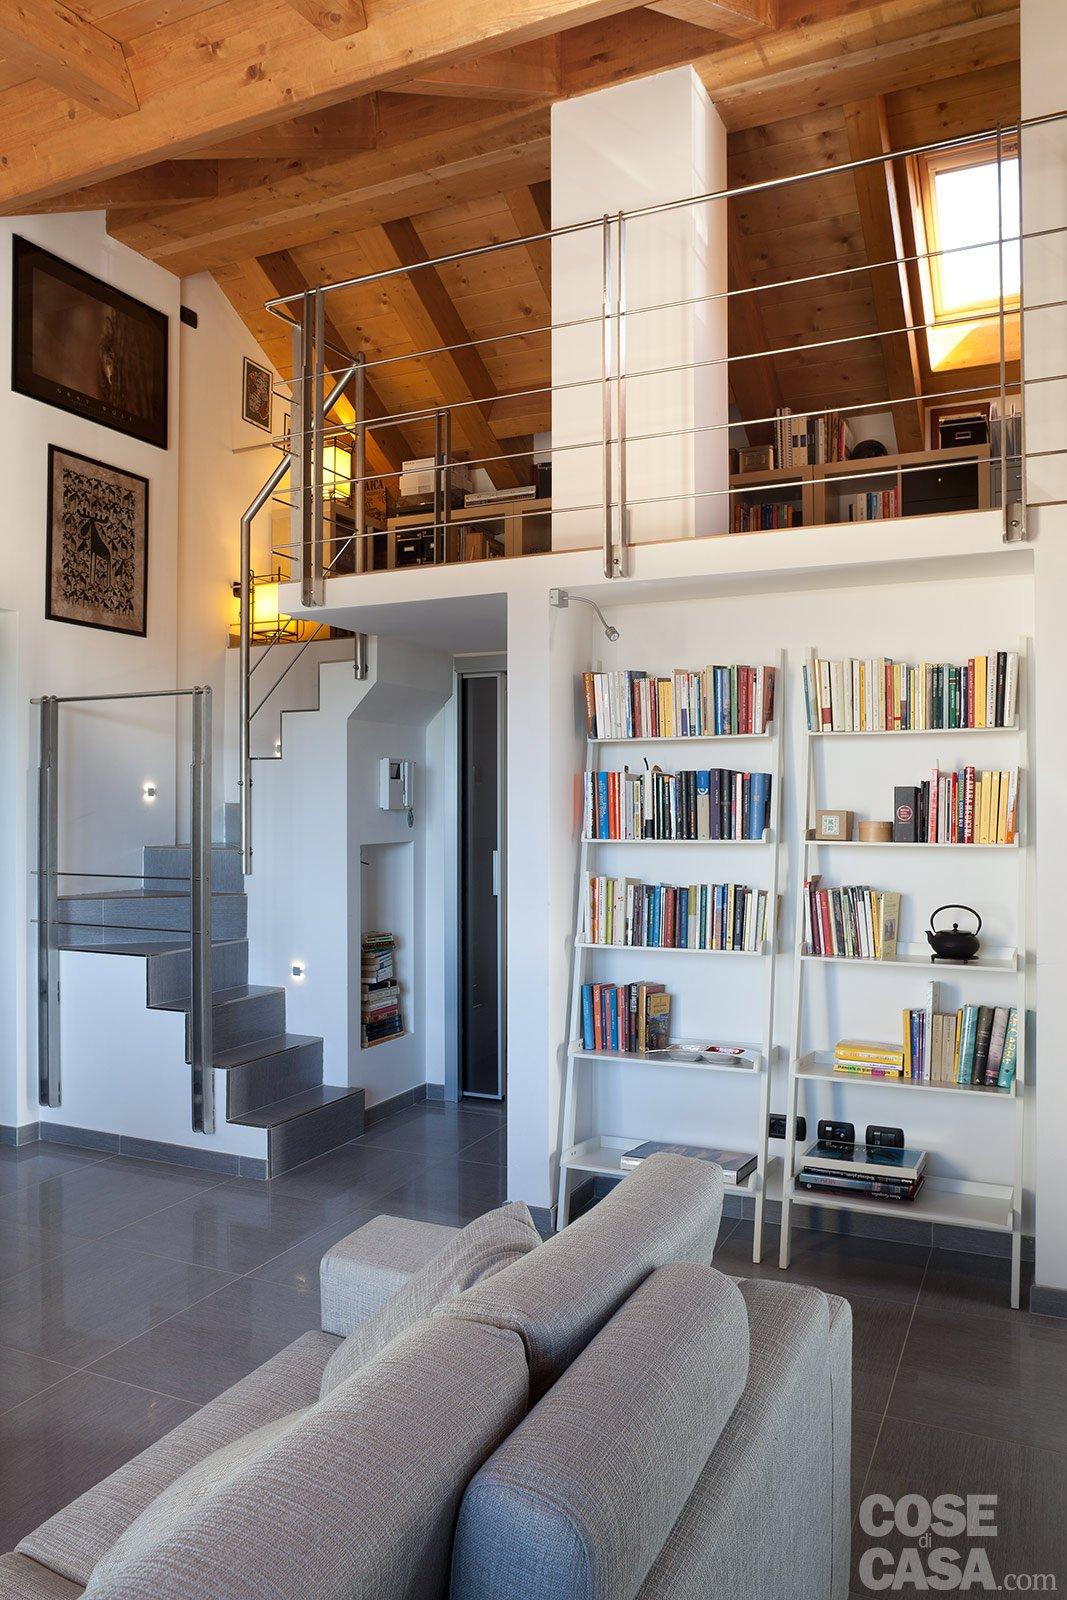 Casabook immobiliare 90 10 mq per una casa che sfrutta for Piccole planimetrie della casa con soppalco